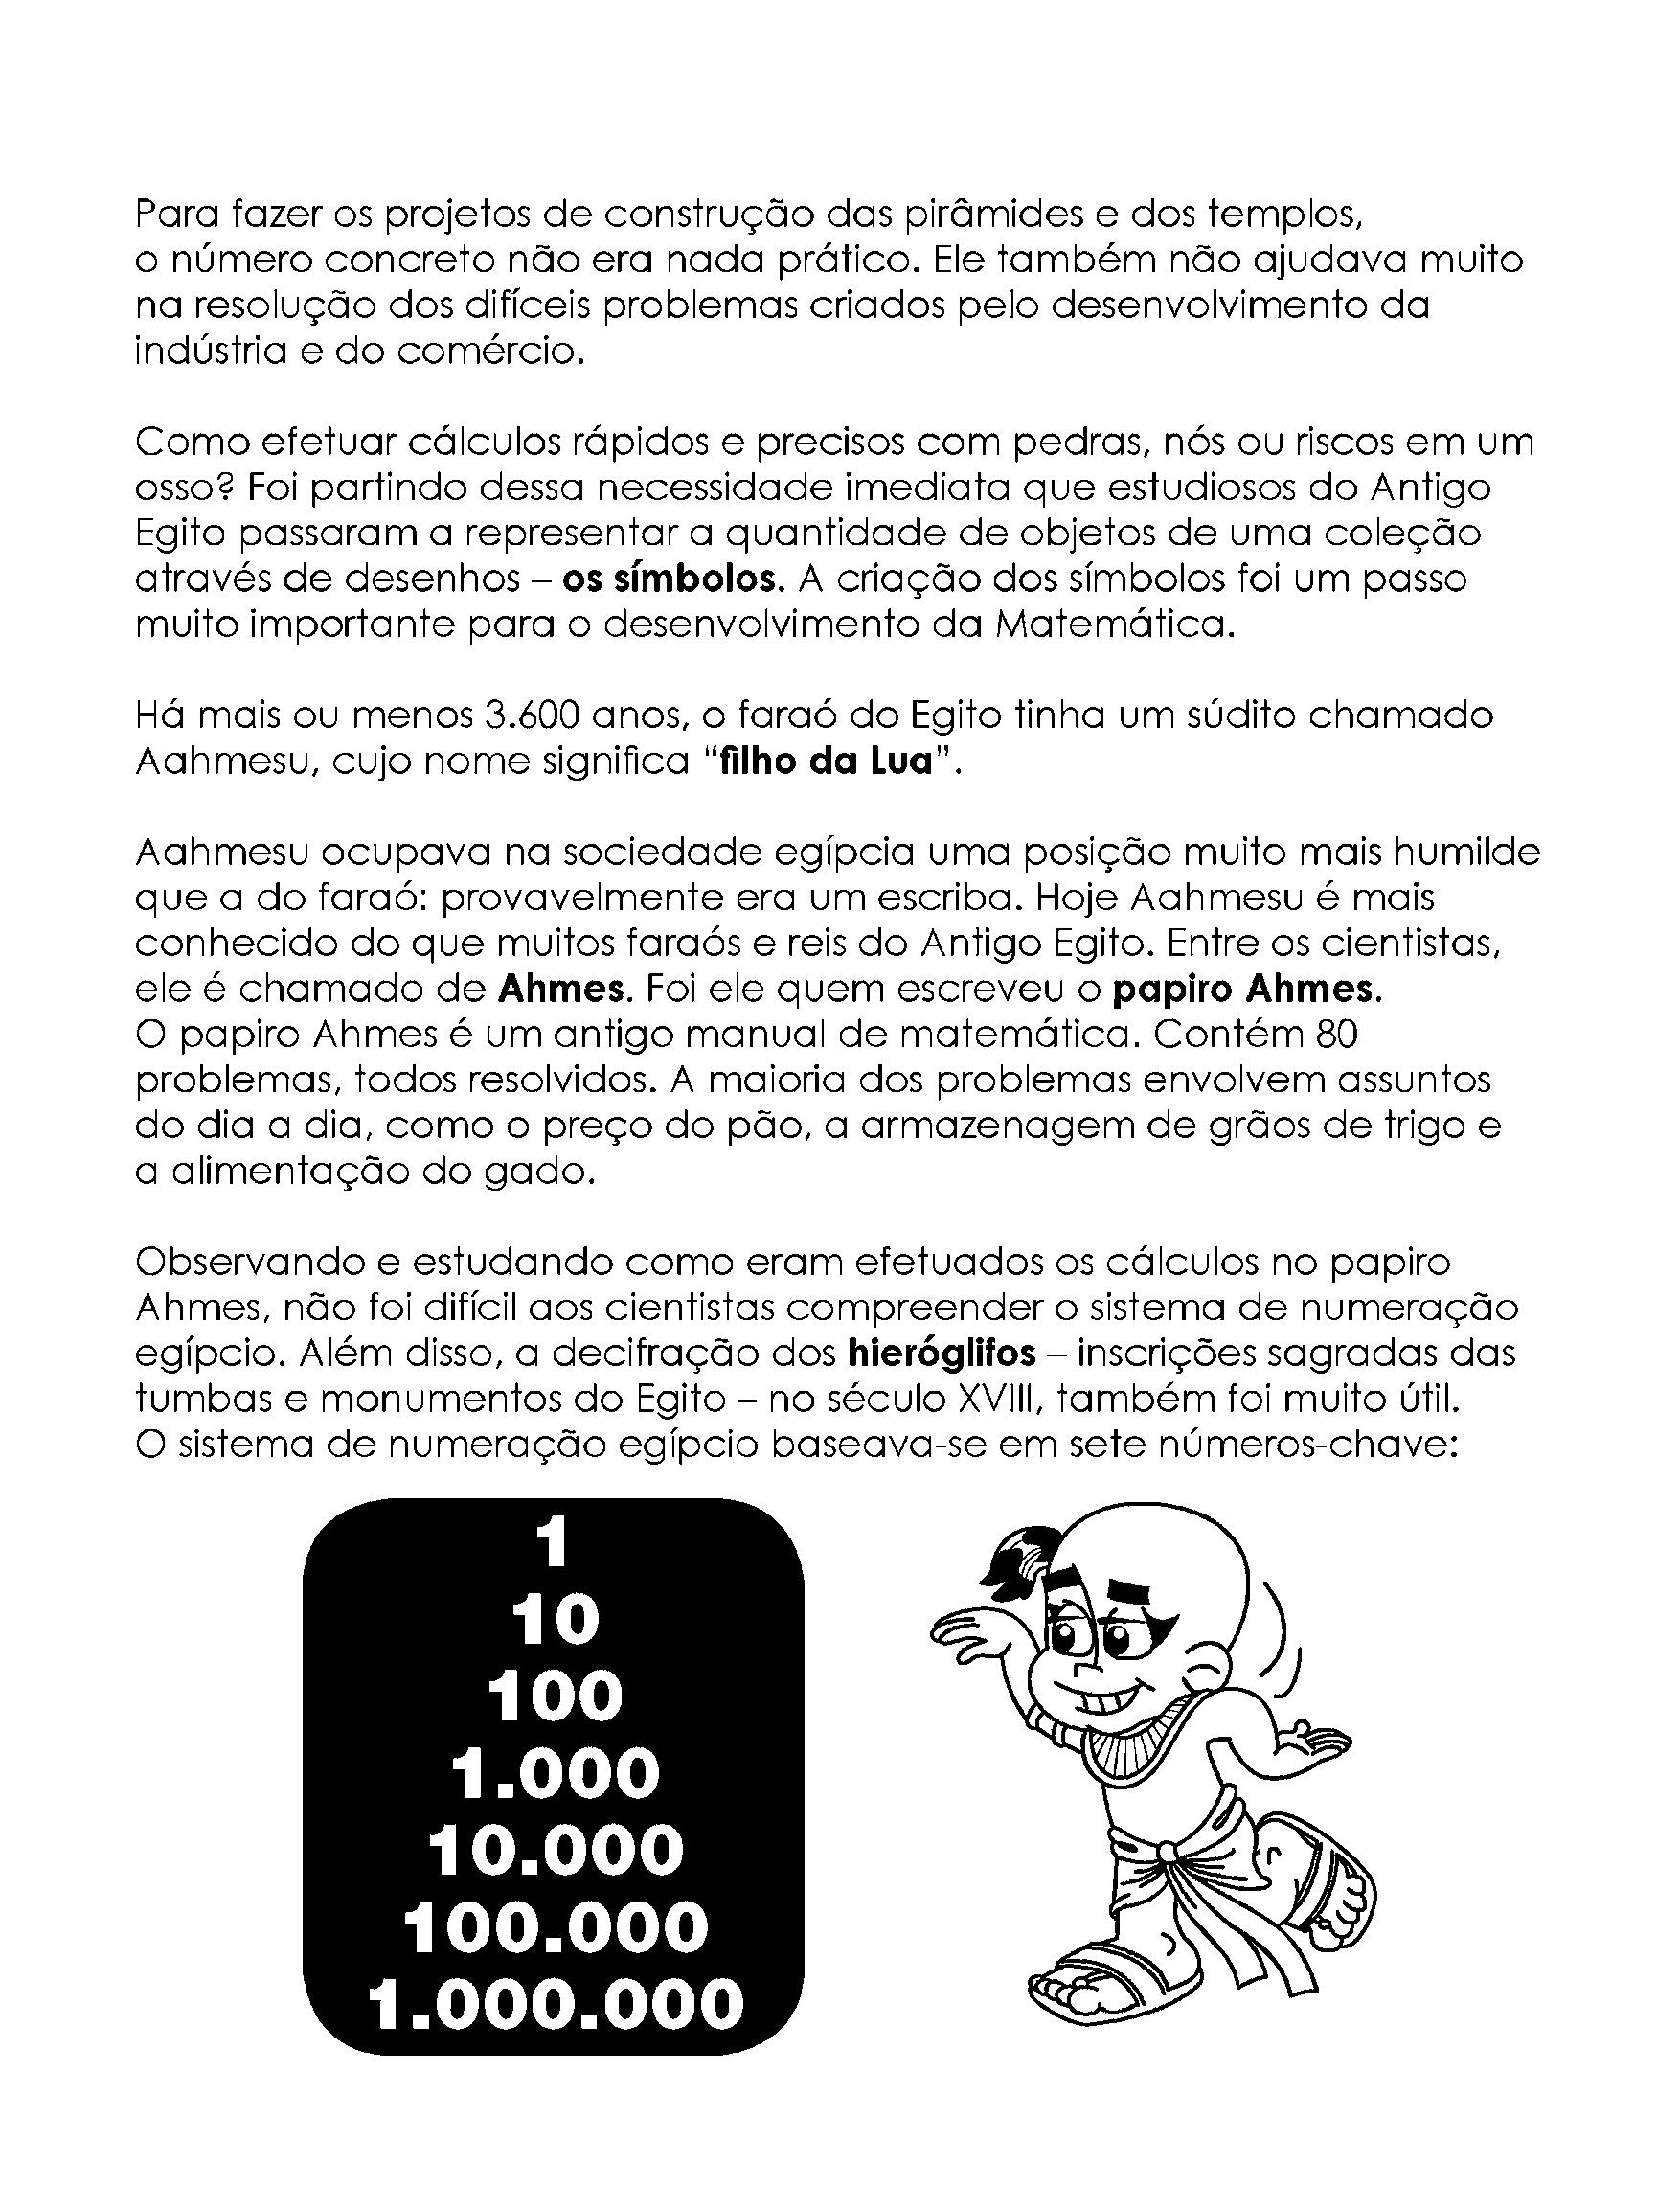 Sistema de Numeração Egípcio - cálculos